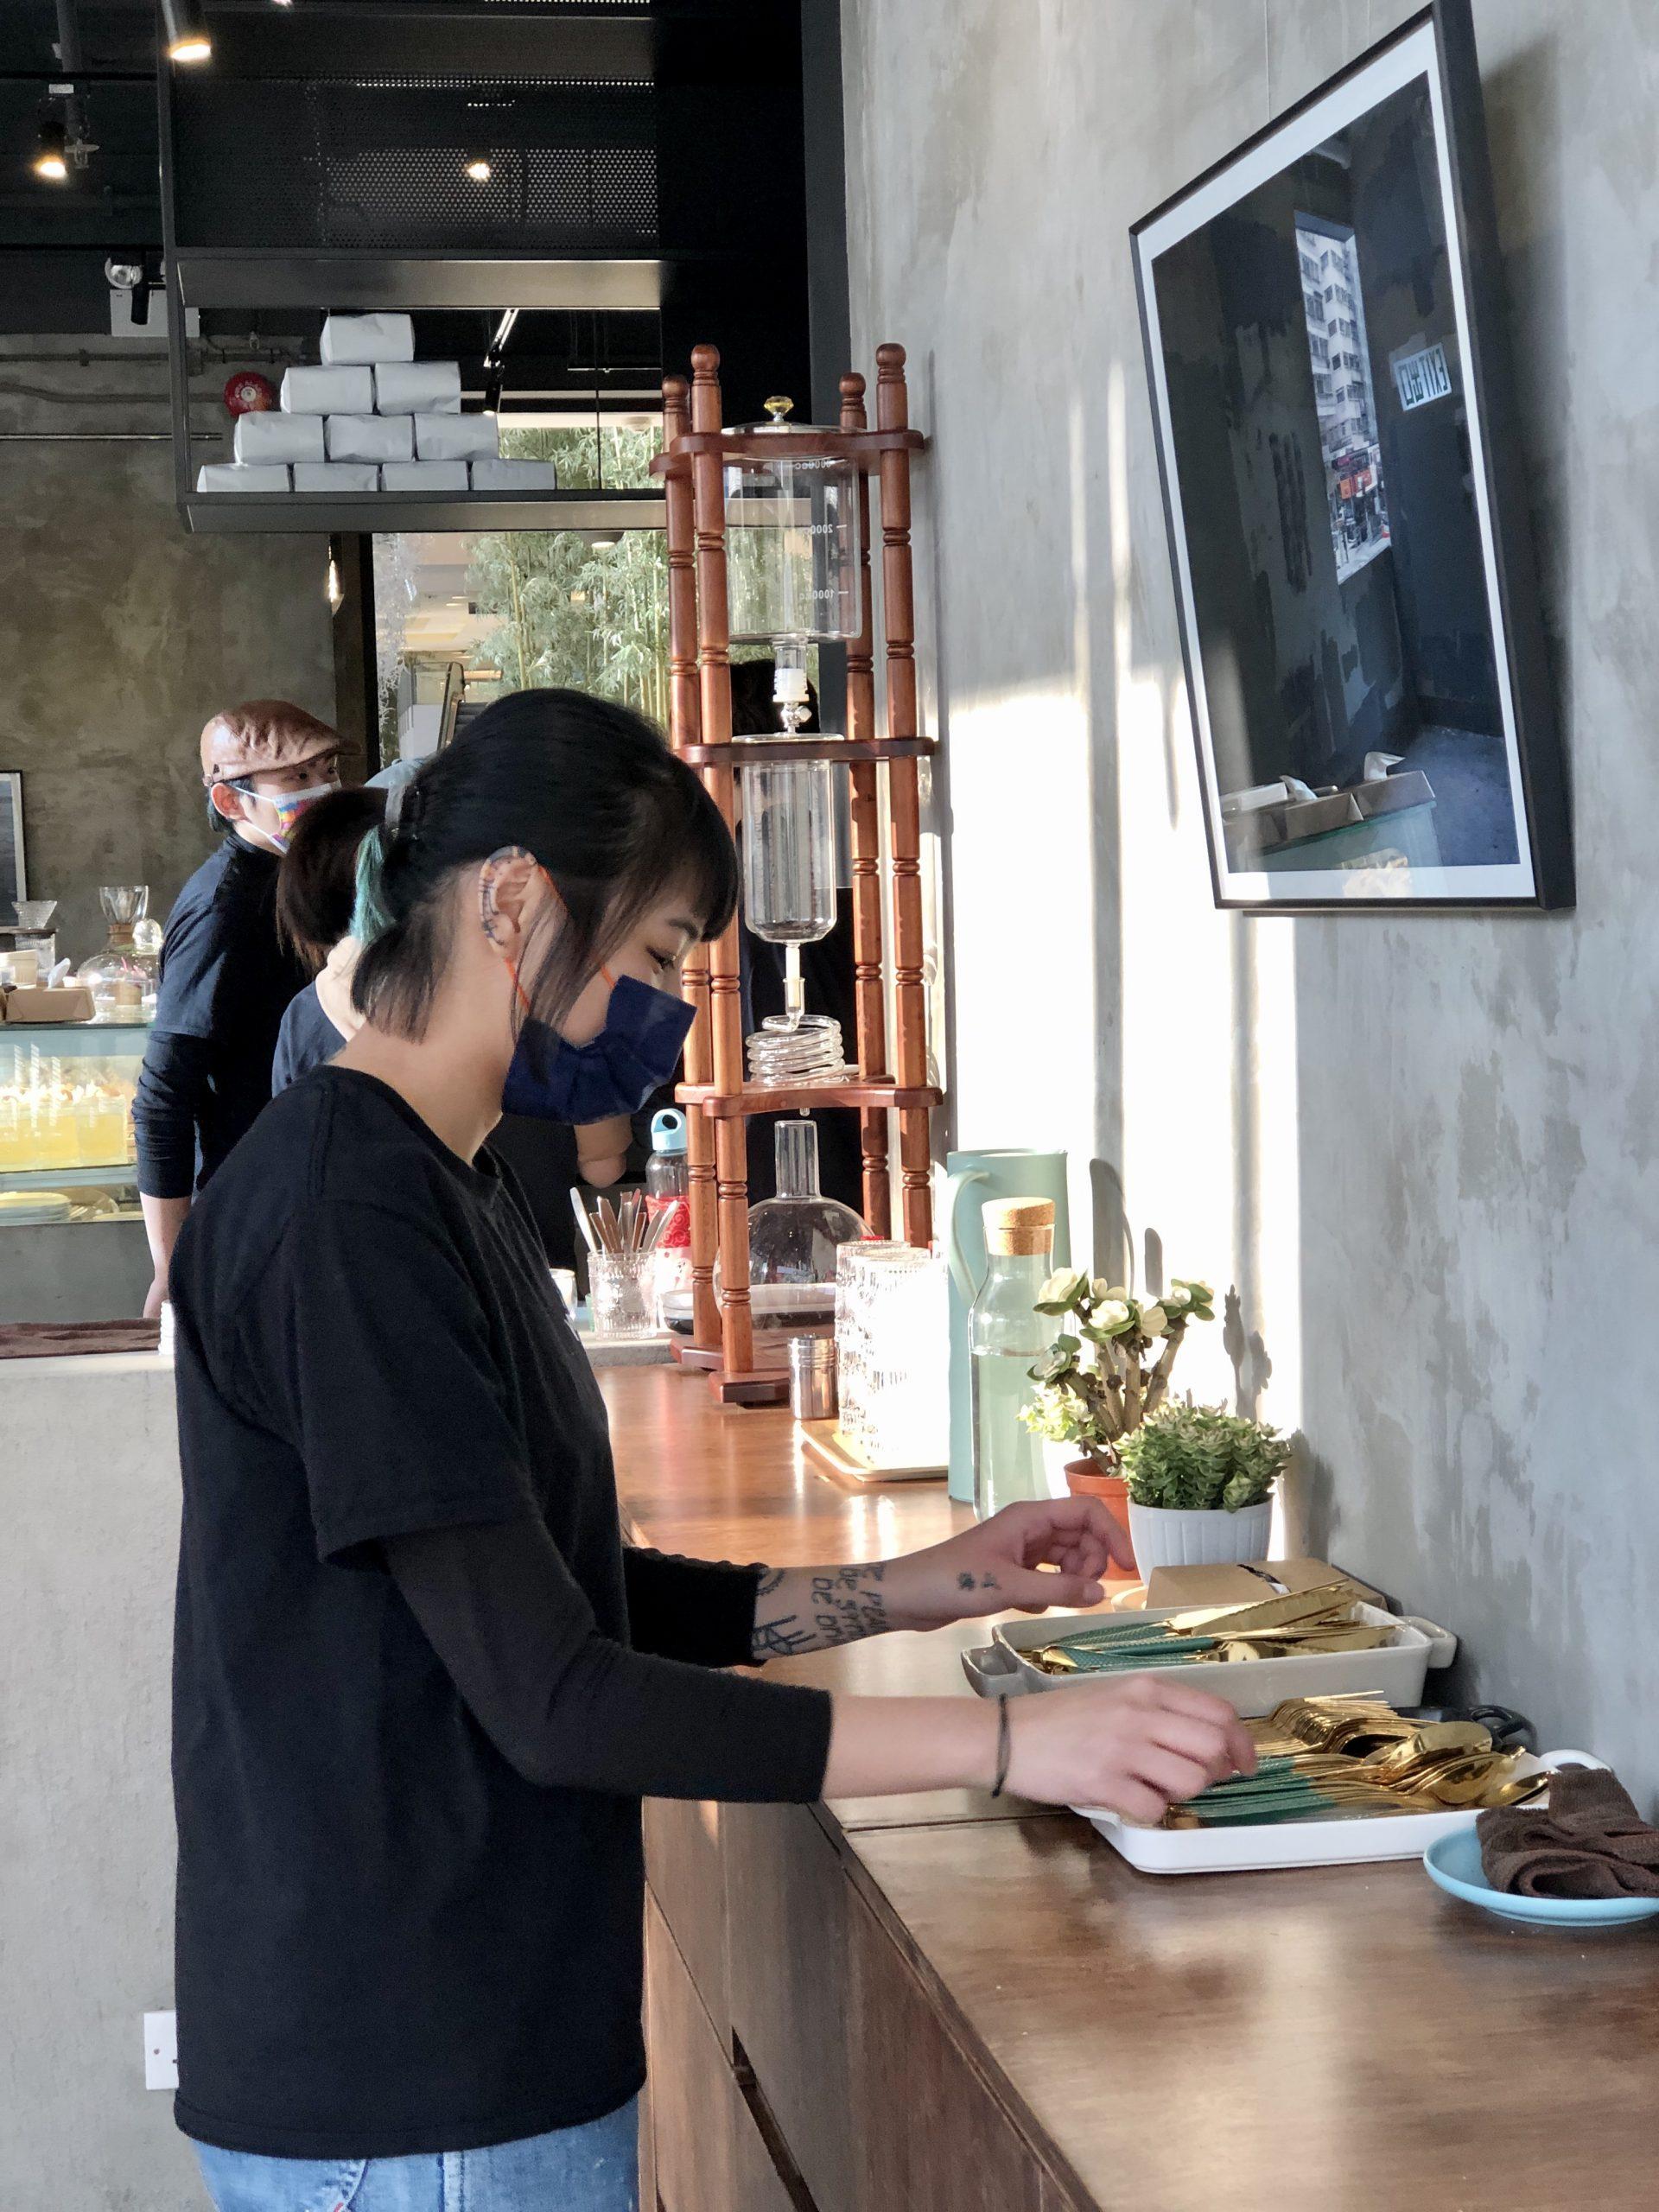 觀塘 Master Room Cafe 店員